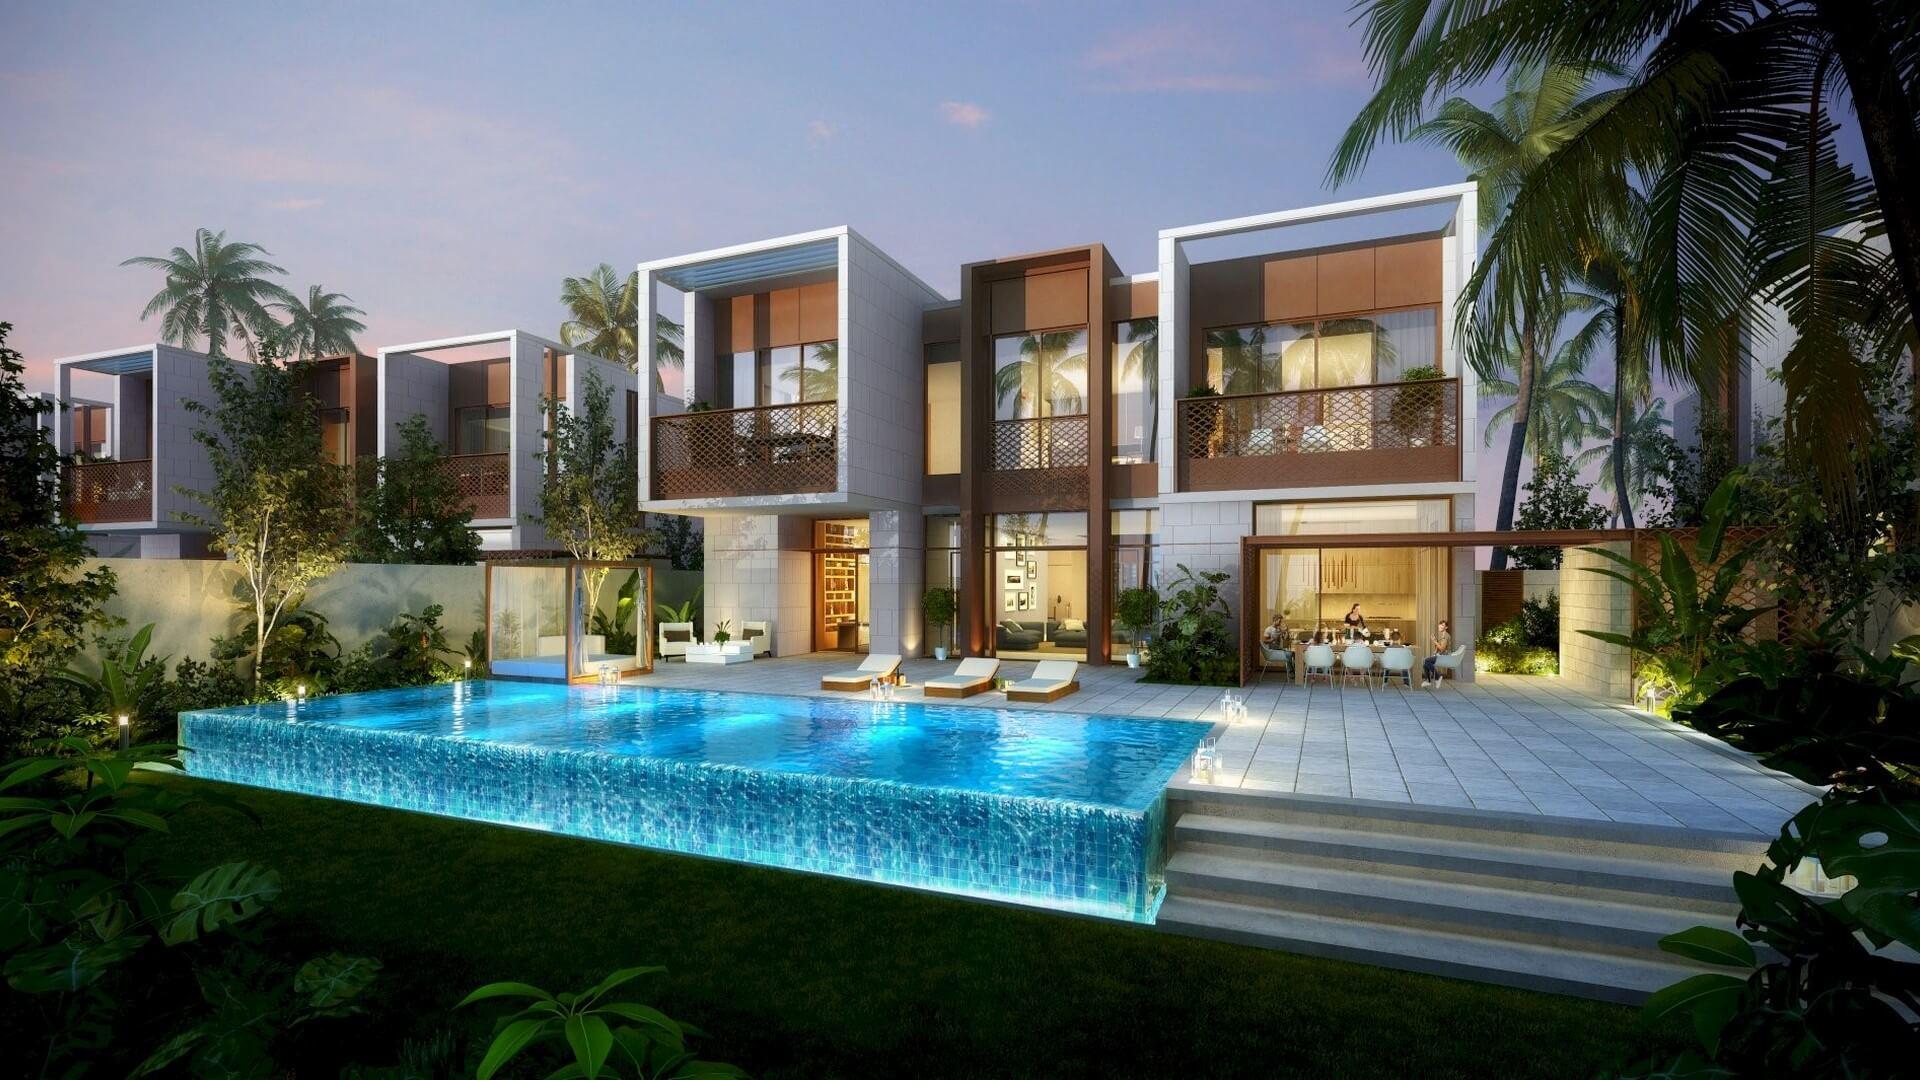 Adosado en venta en Dubai, EAU, 4 dormitorios, 372 m2, № 24116 – foto 2